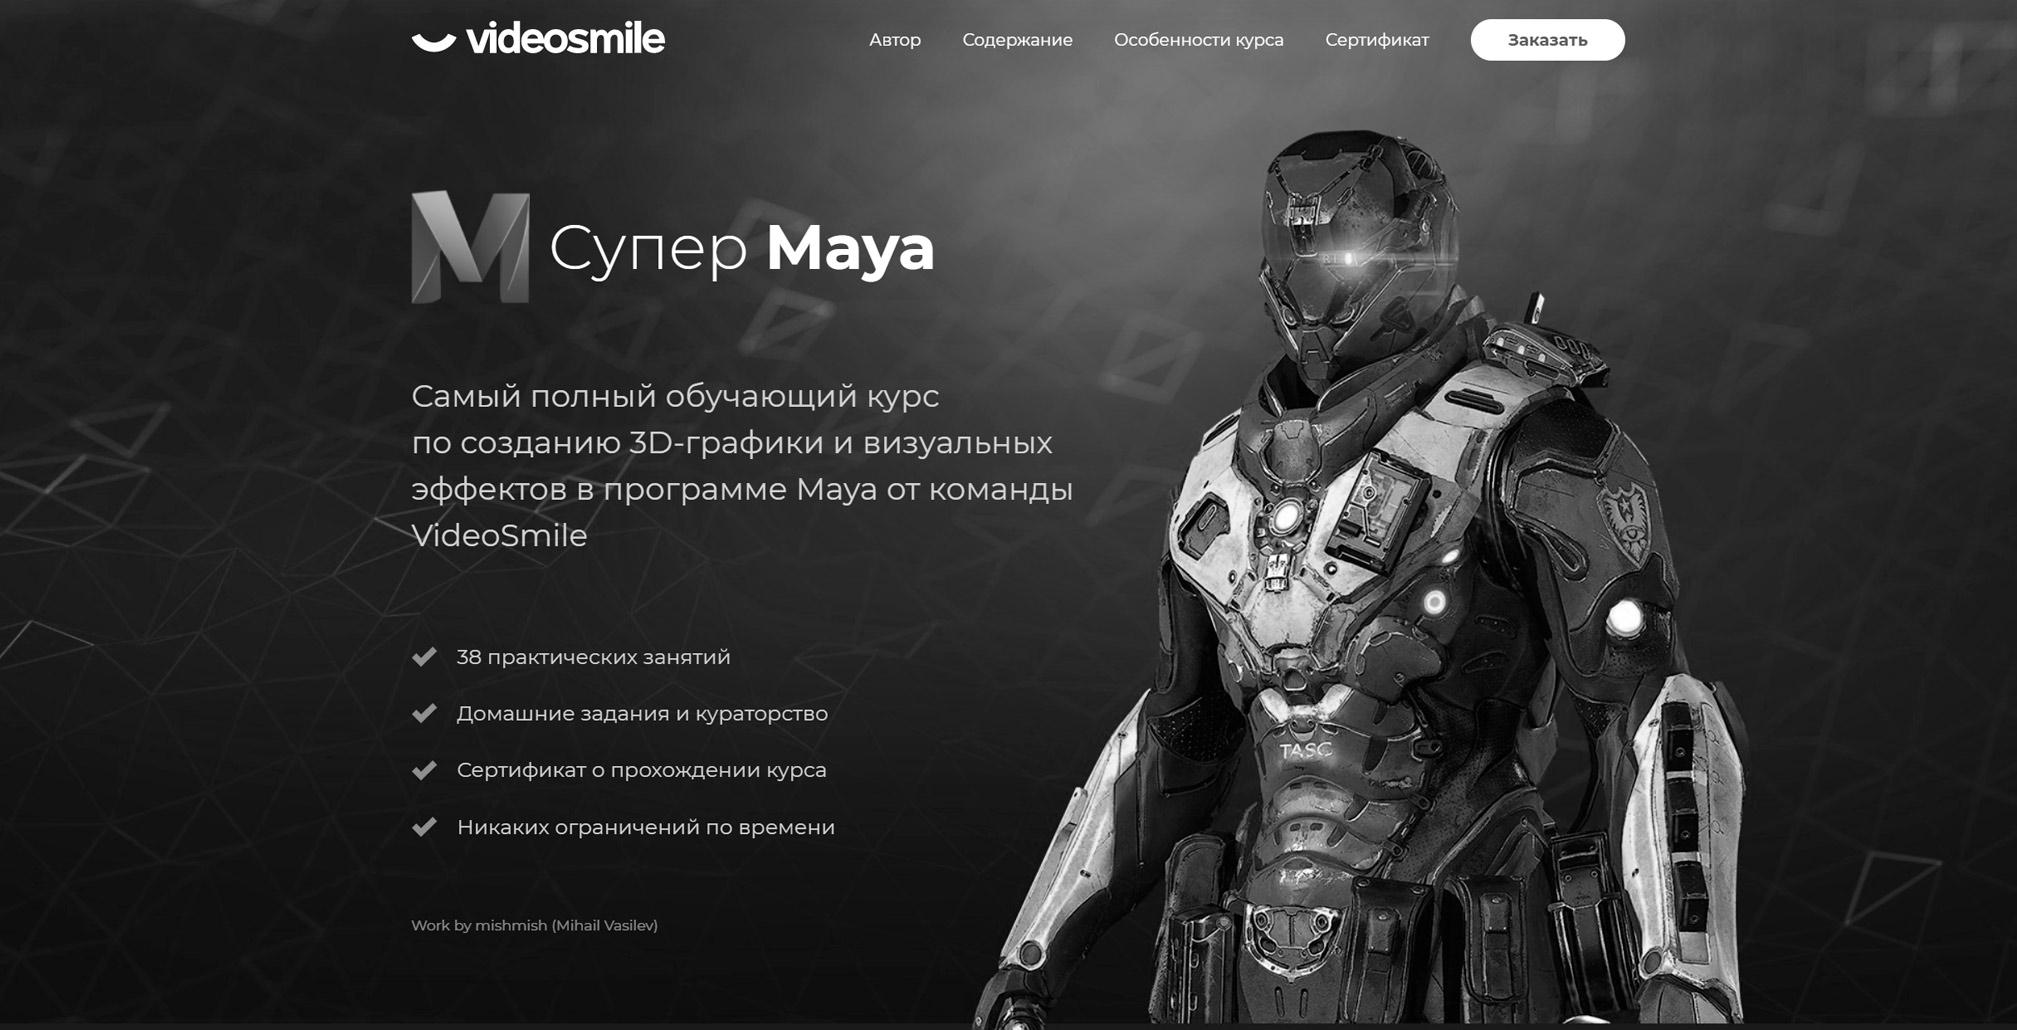 Купон Супер Maya на скидку